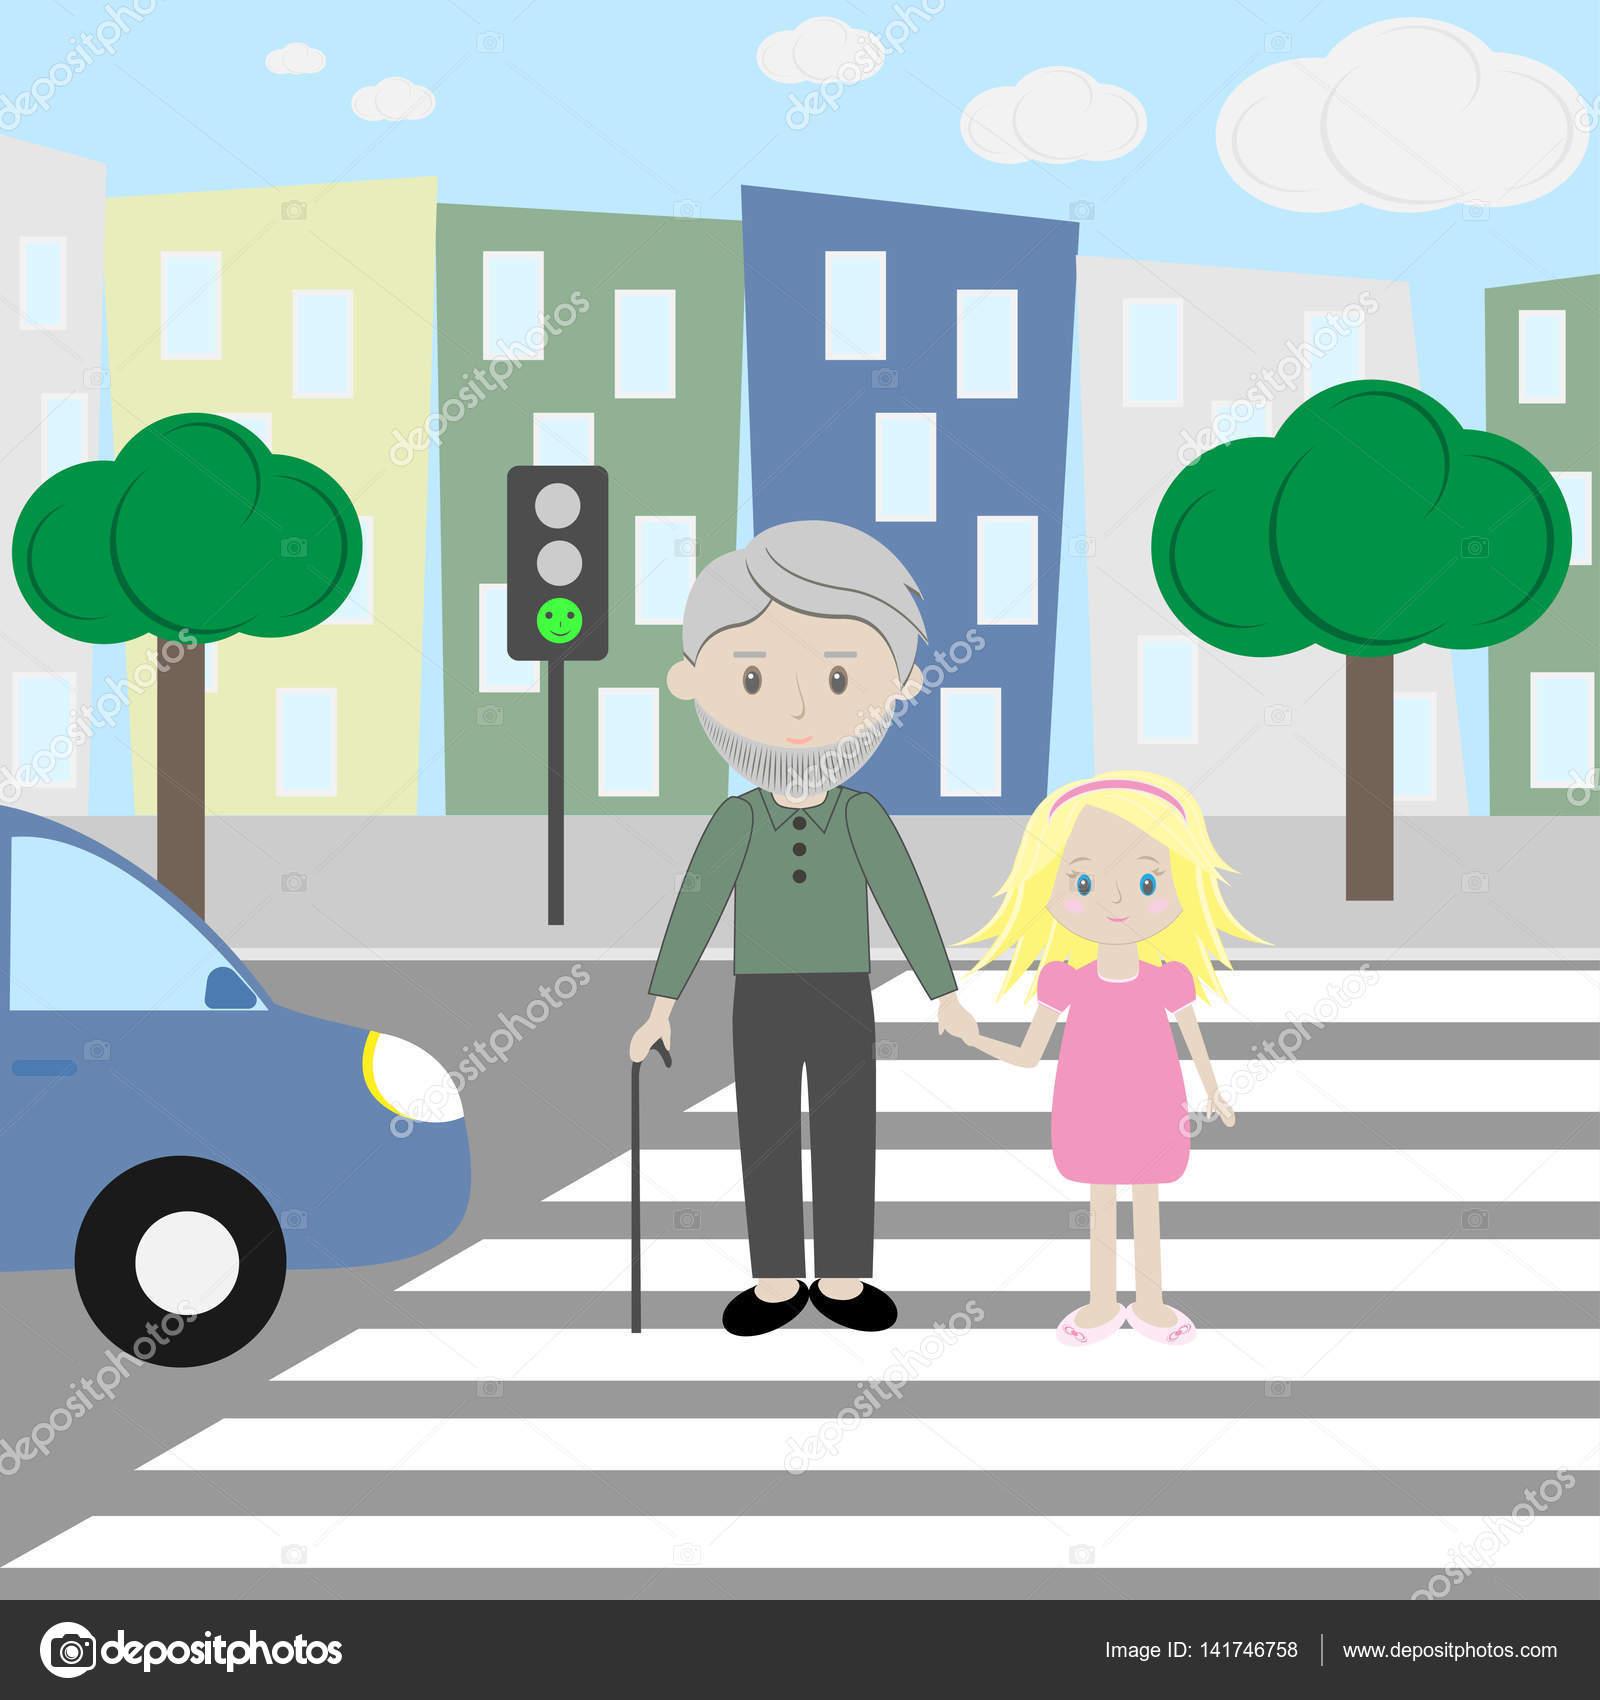 снимков картинка пешеходы и светофор преддверии